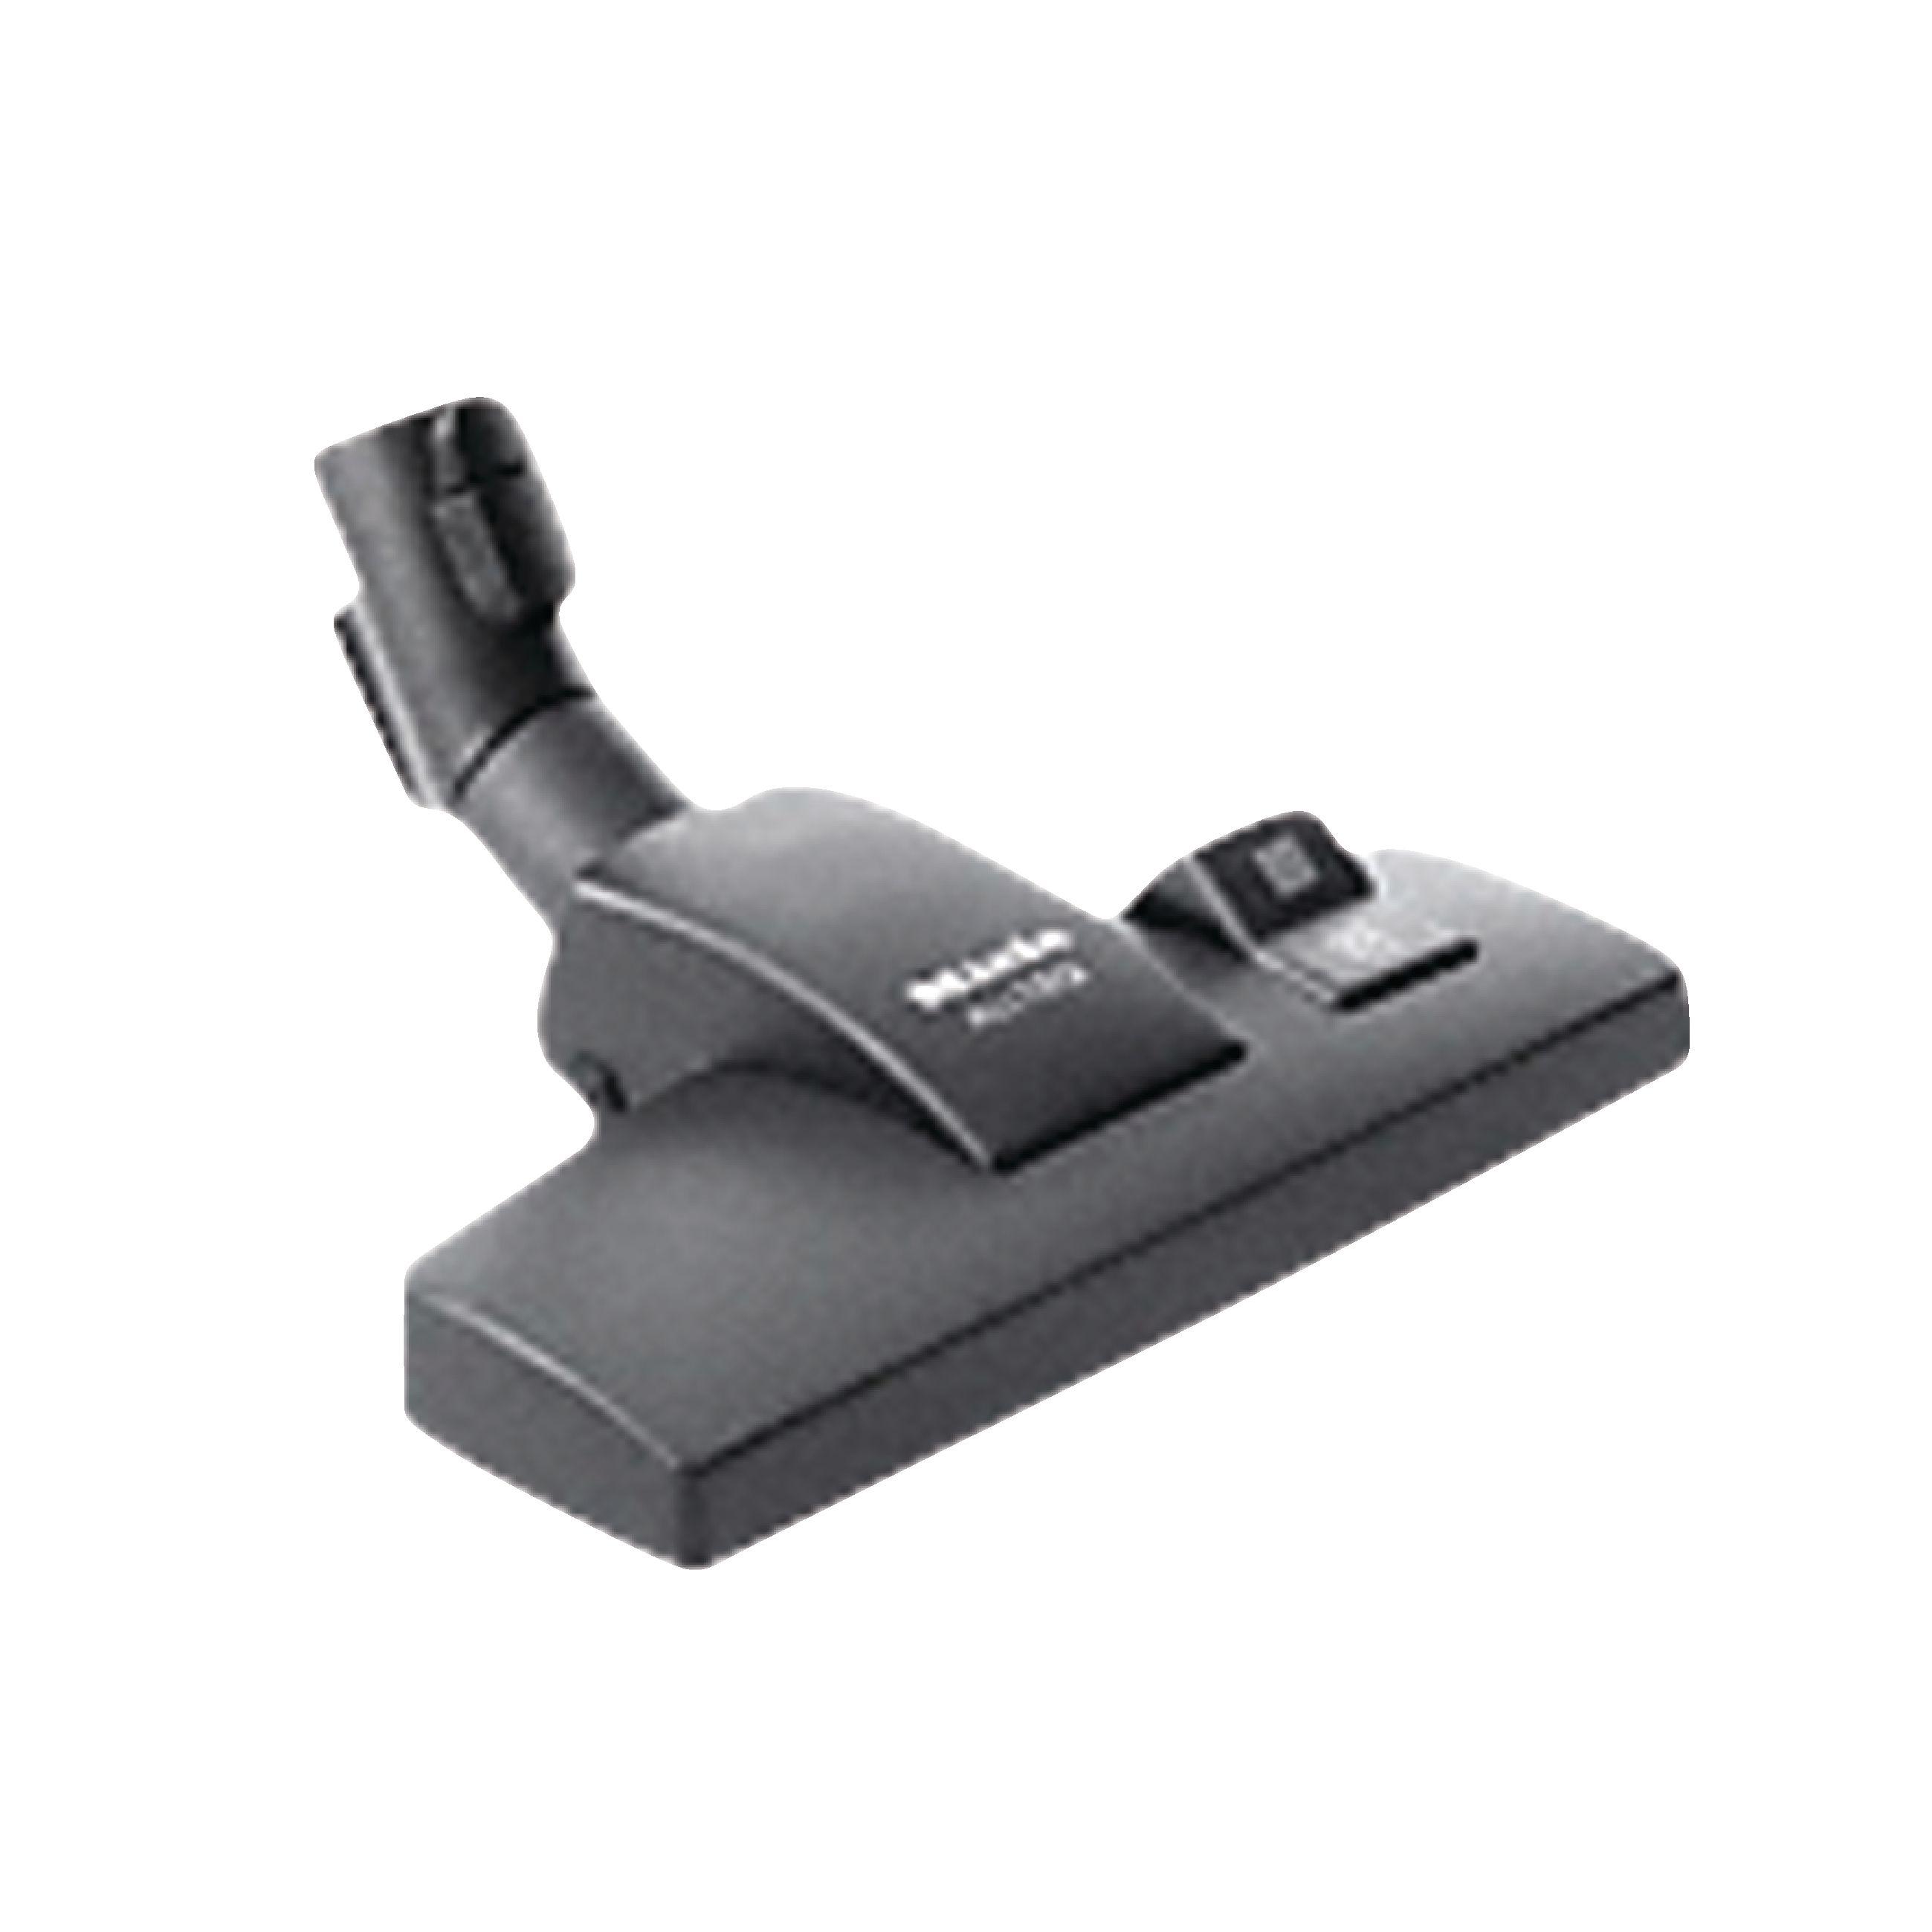 Kombinovaná podlahová hubice Miele Classic SBD 285-3 72538320